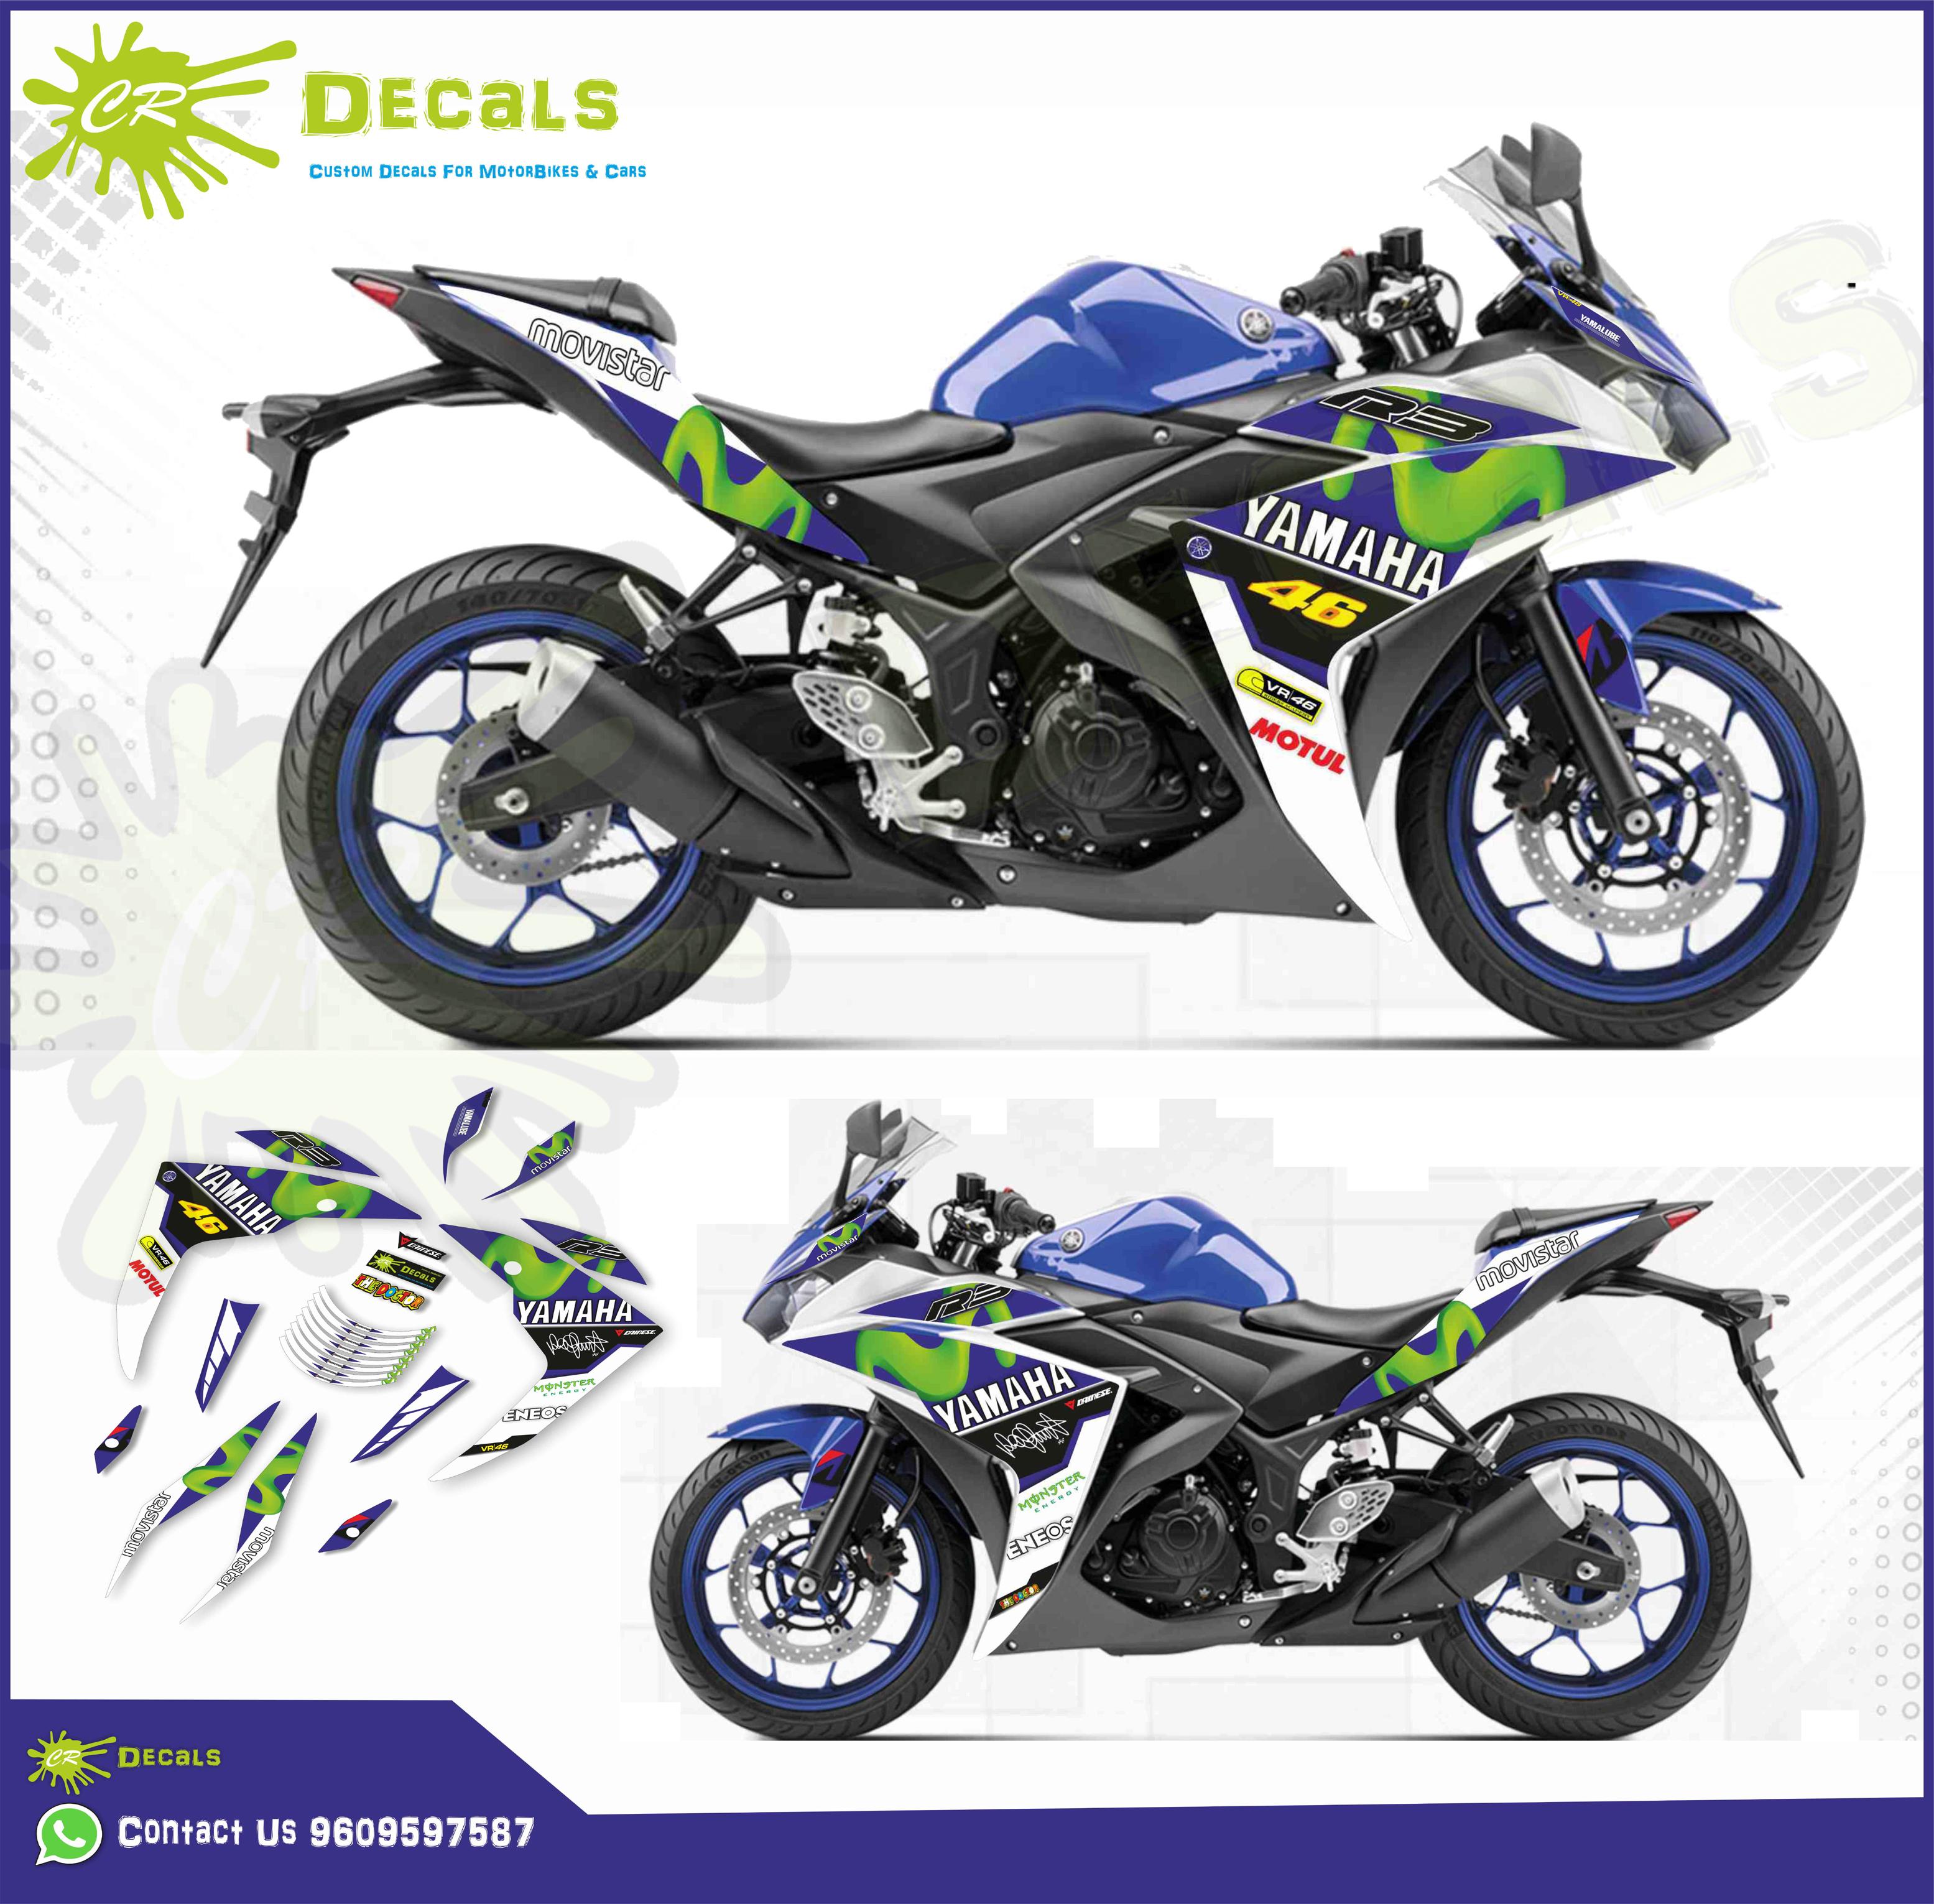 Yamaha R3 Promotional File